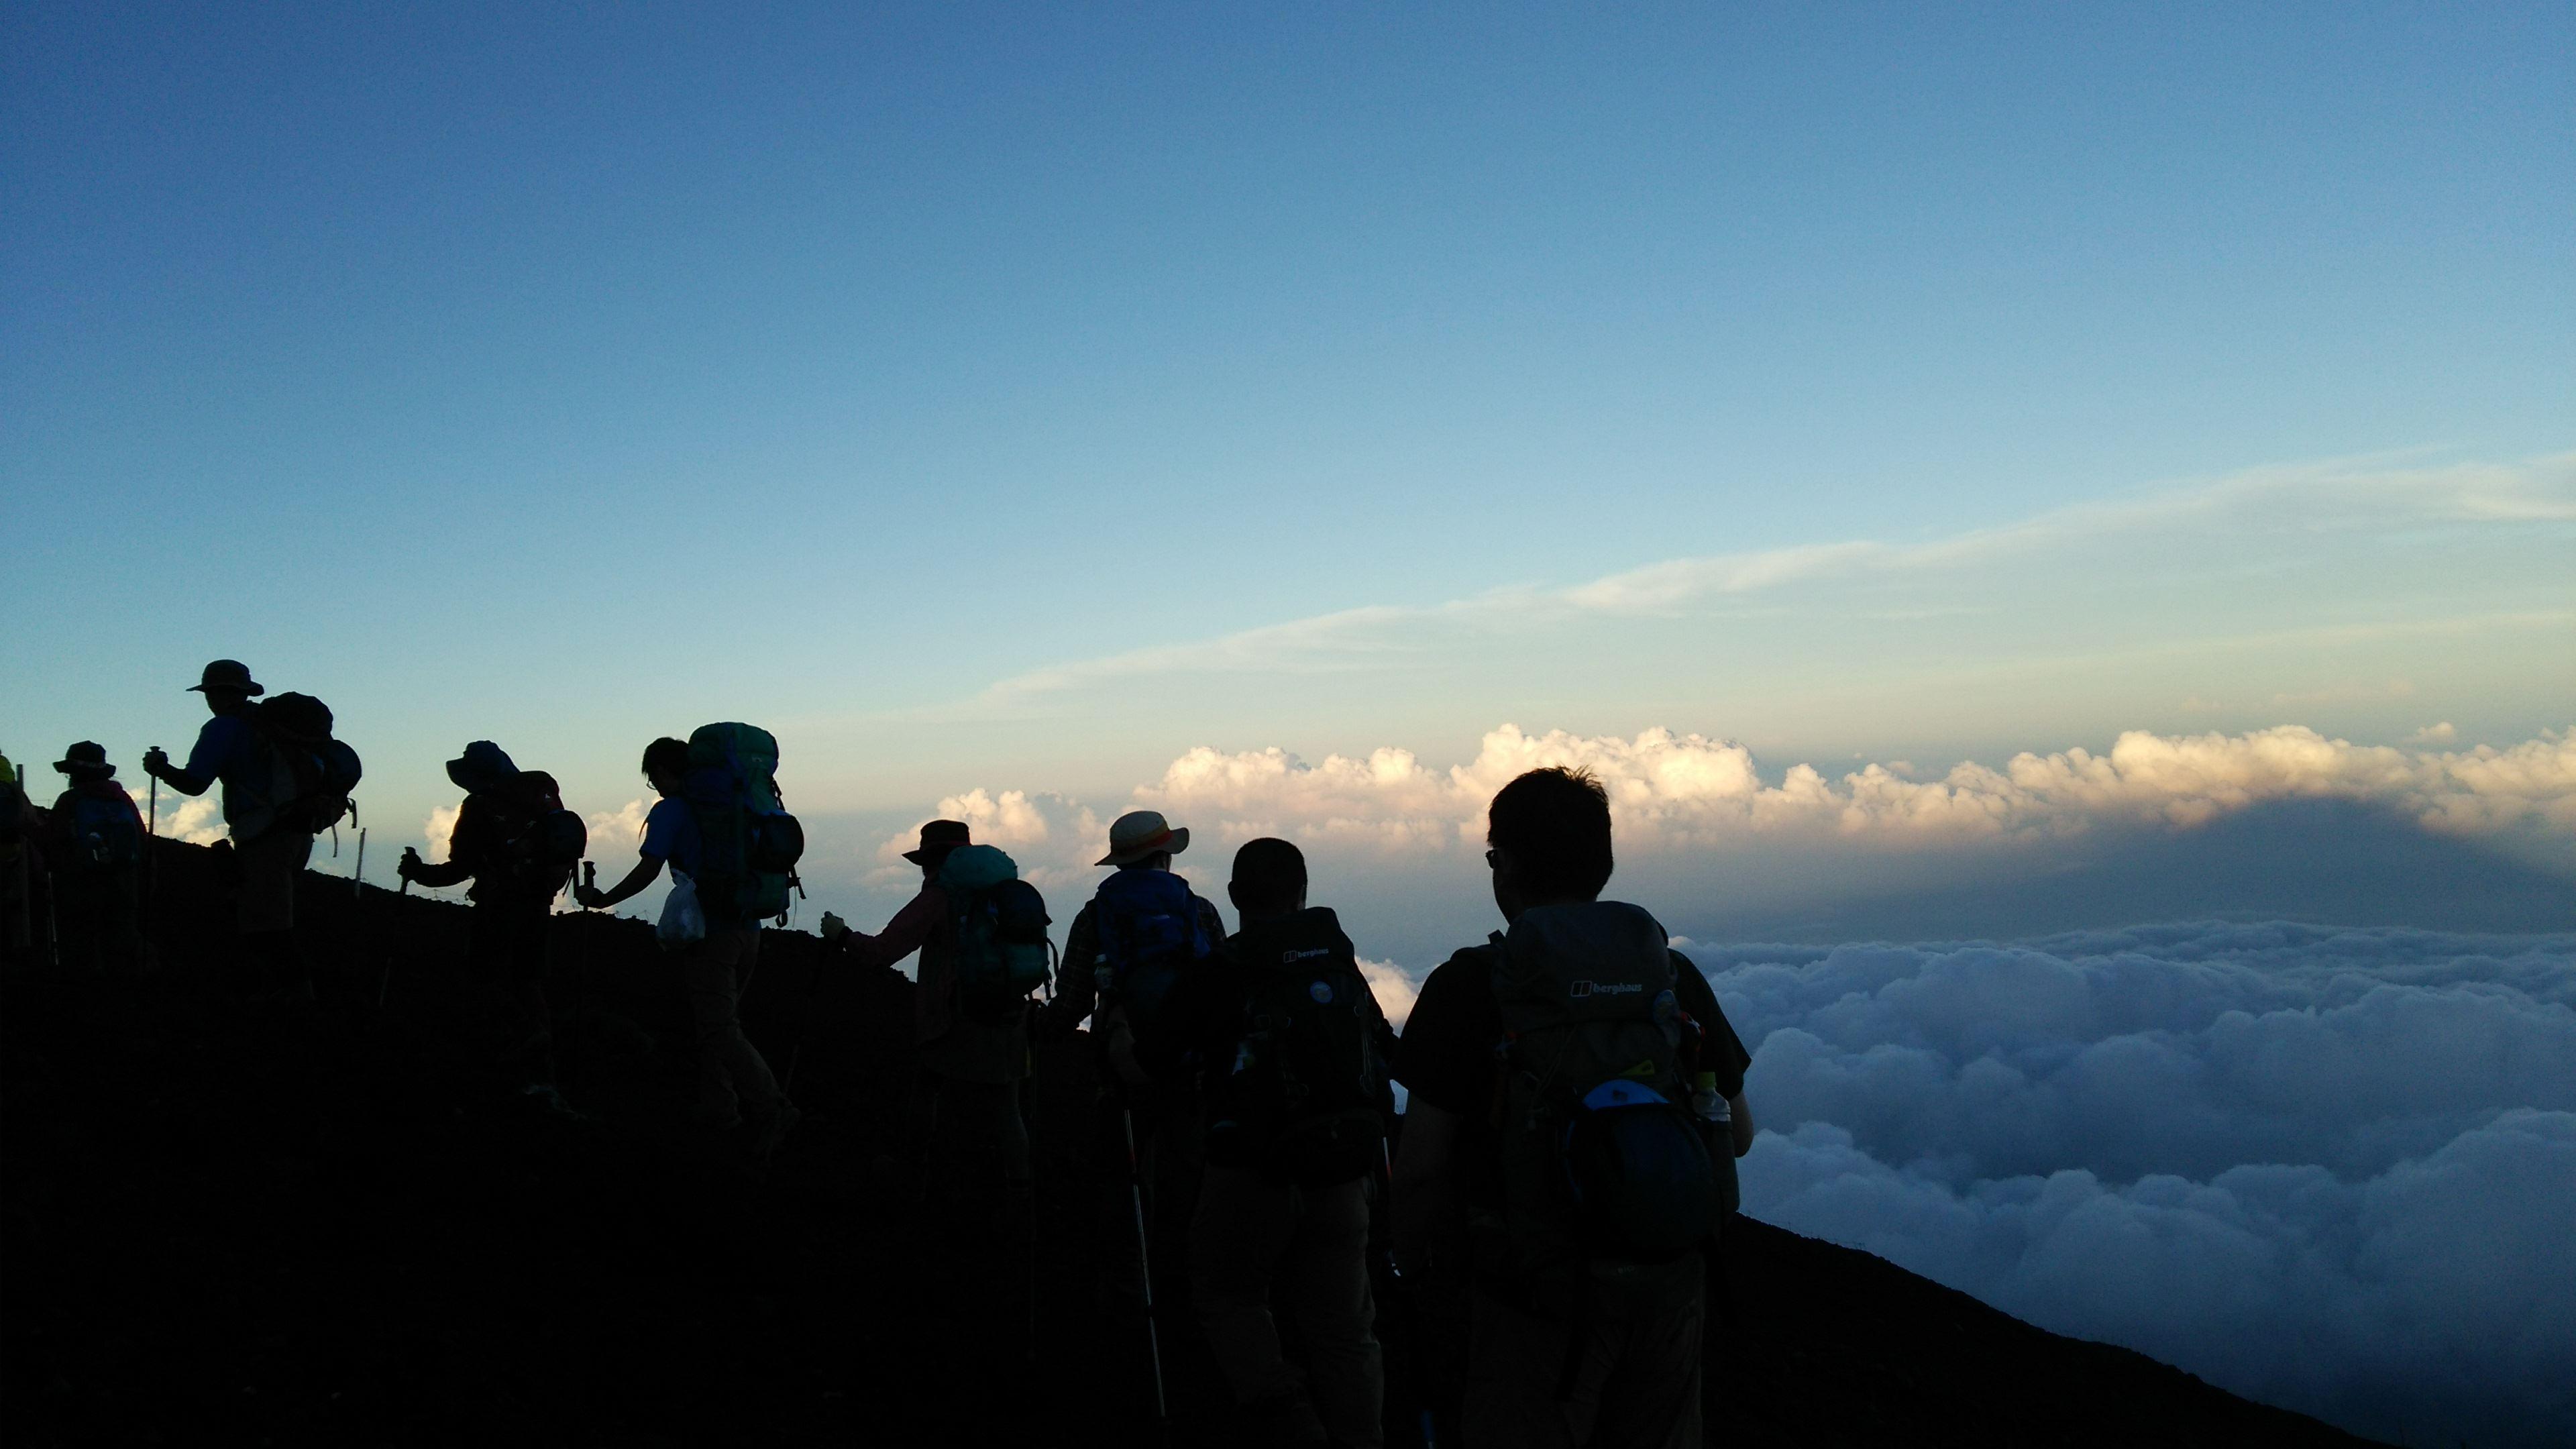 ホールアース自然学校の富士登山